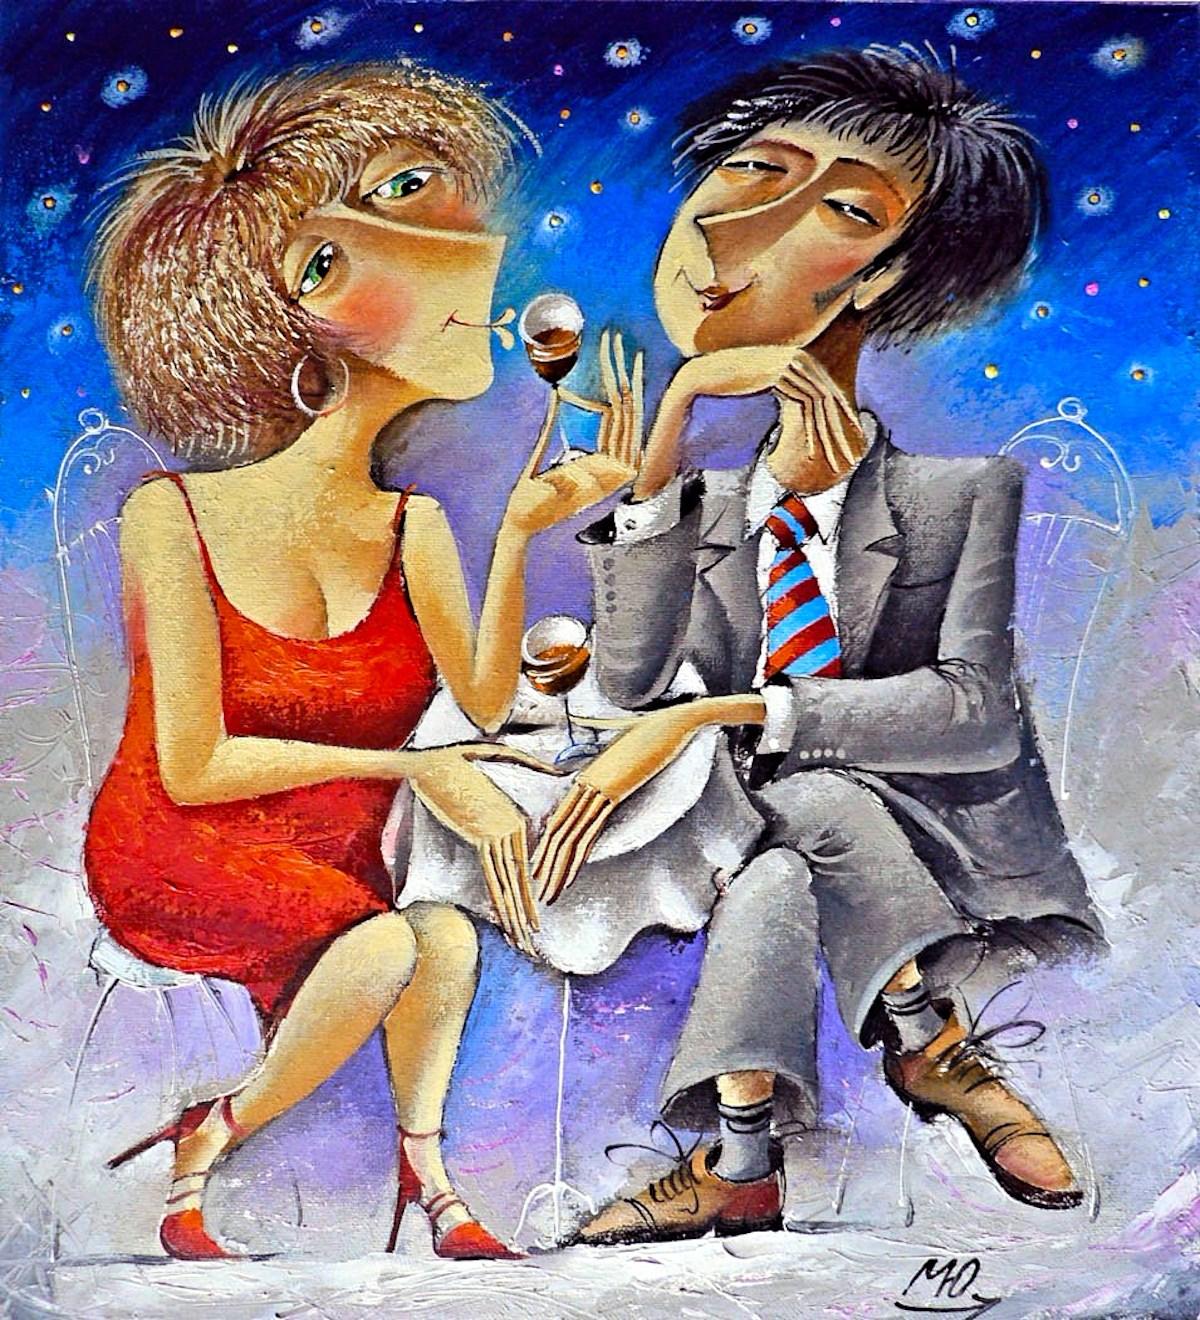 00 Yuri Matsik. A Couple on a Date. 2006